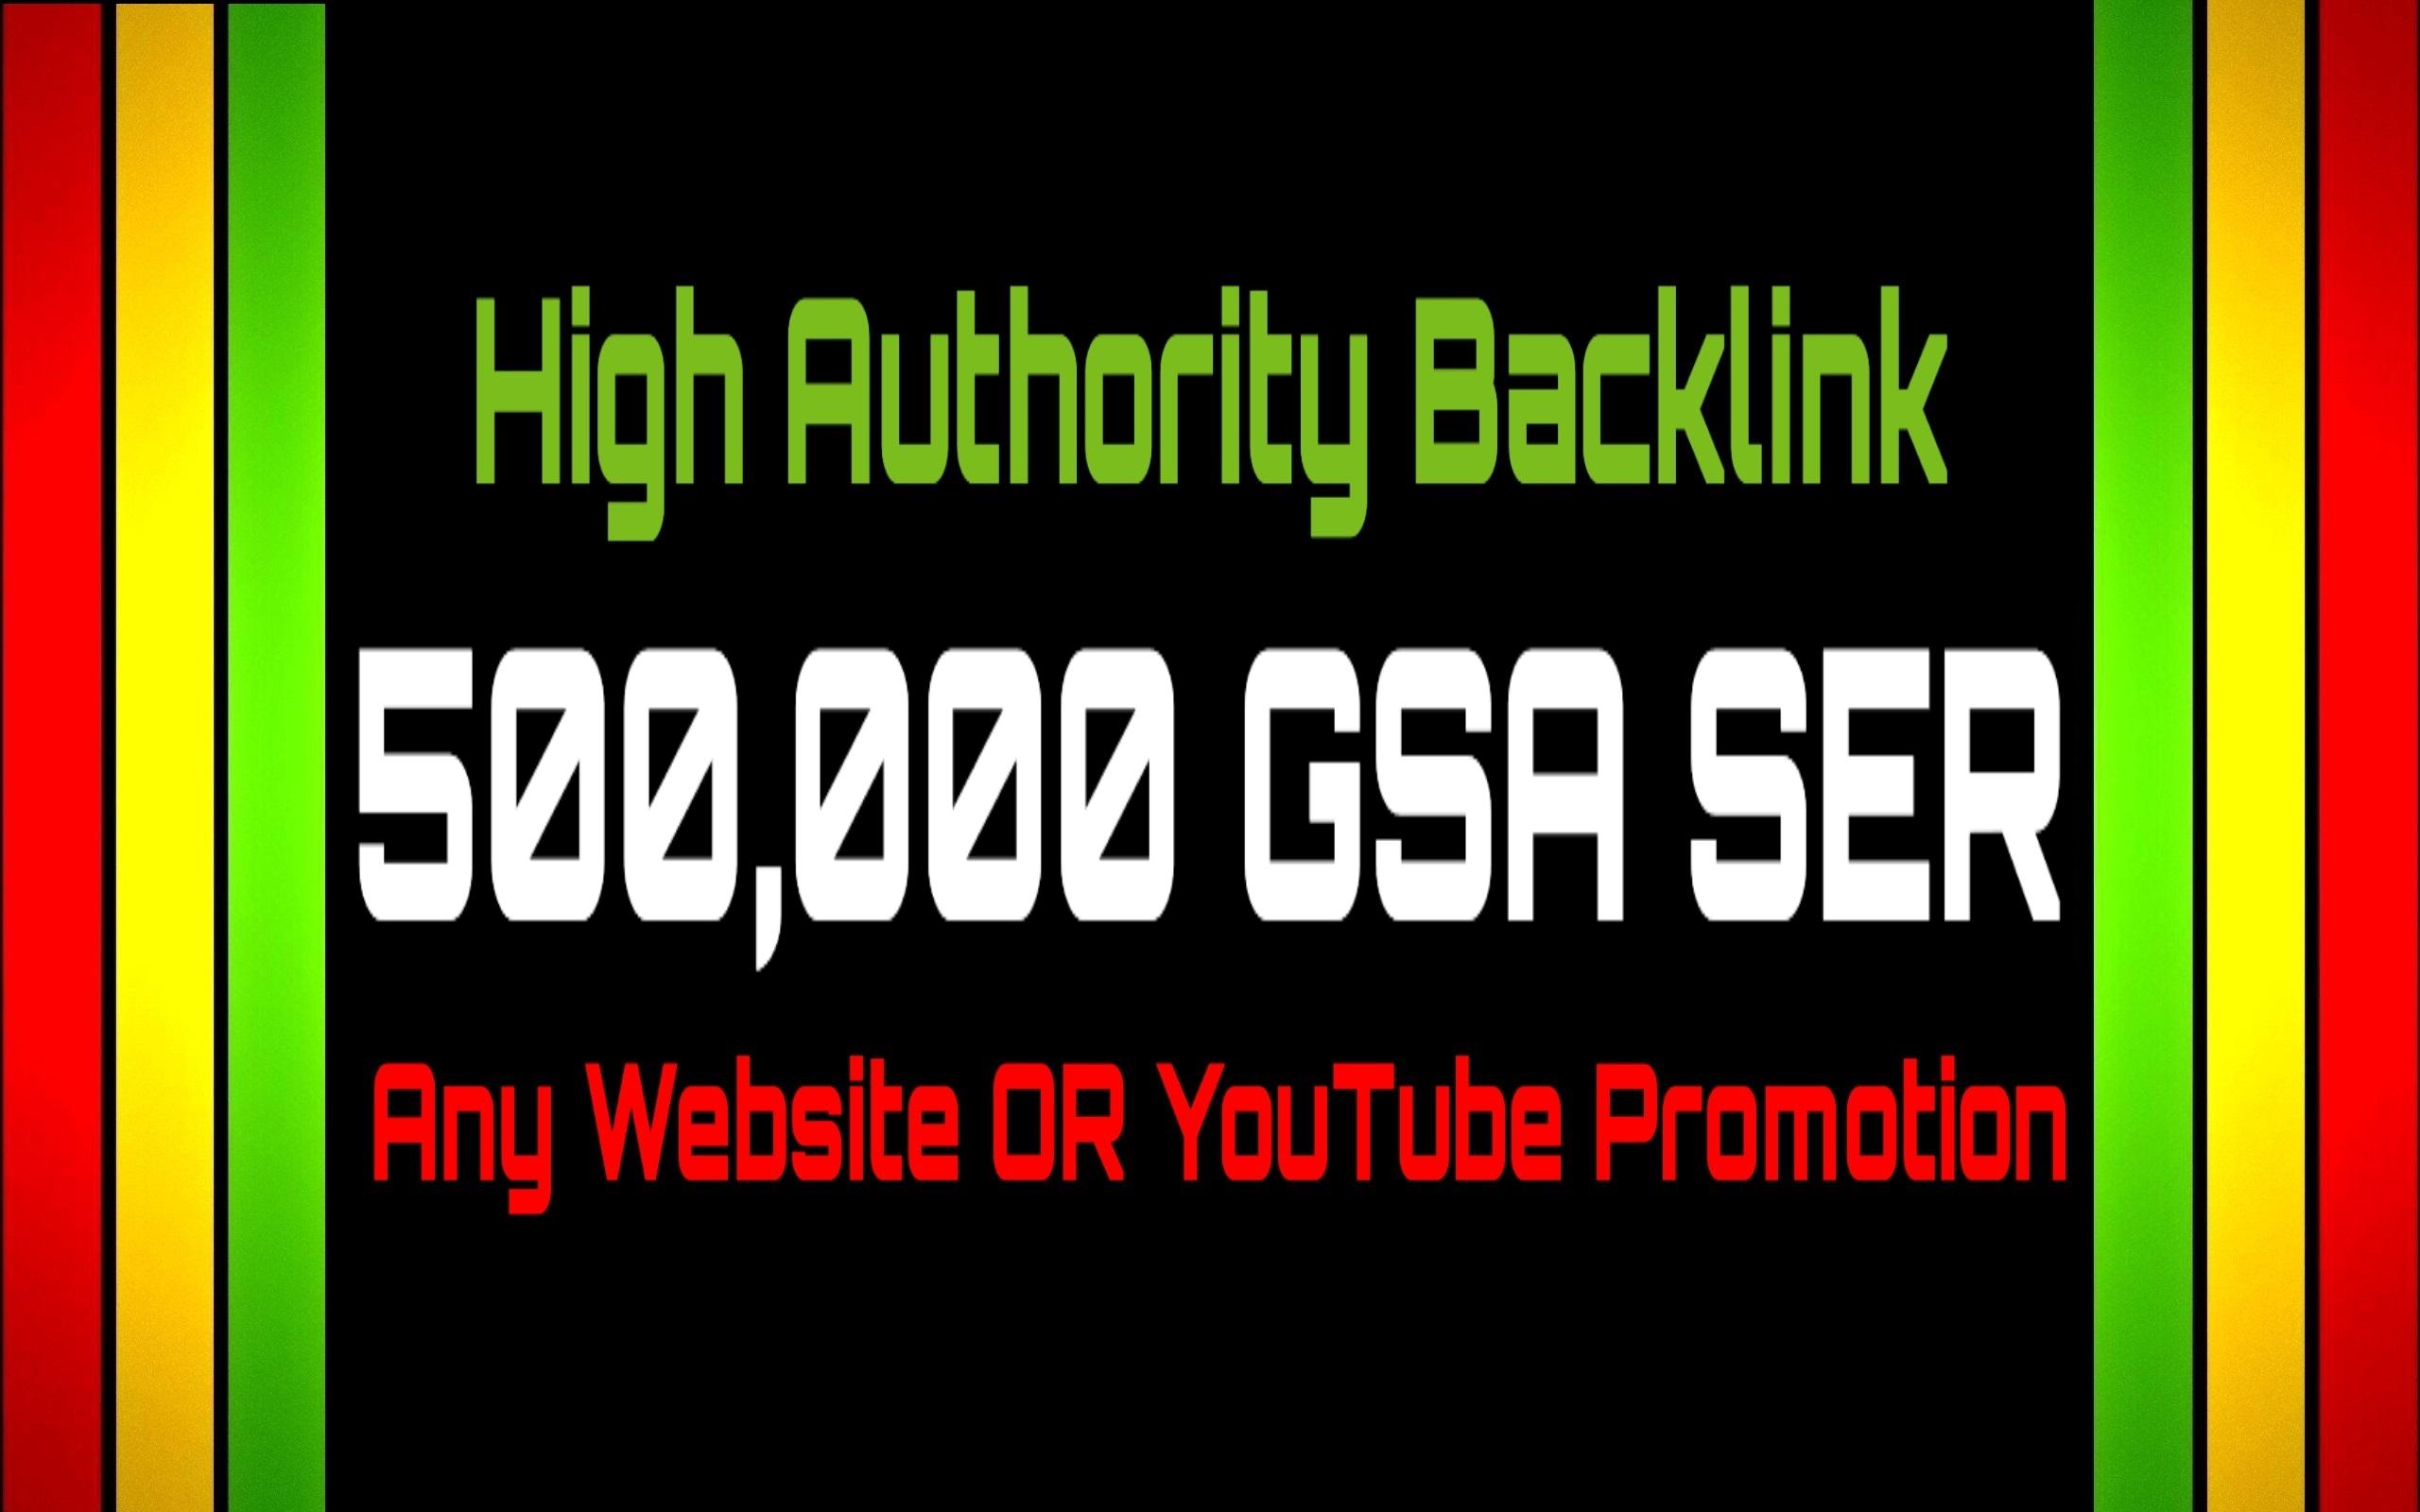 500,000 GSA SER Backlinks For Increase Link Juice,  Ultimate SEO